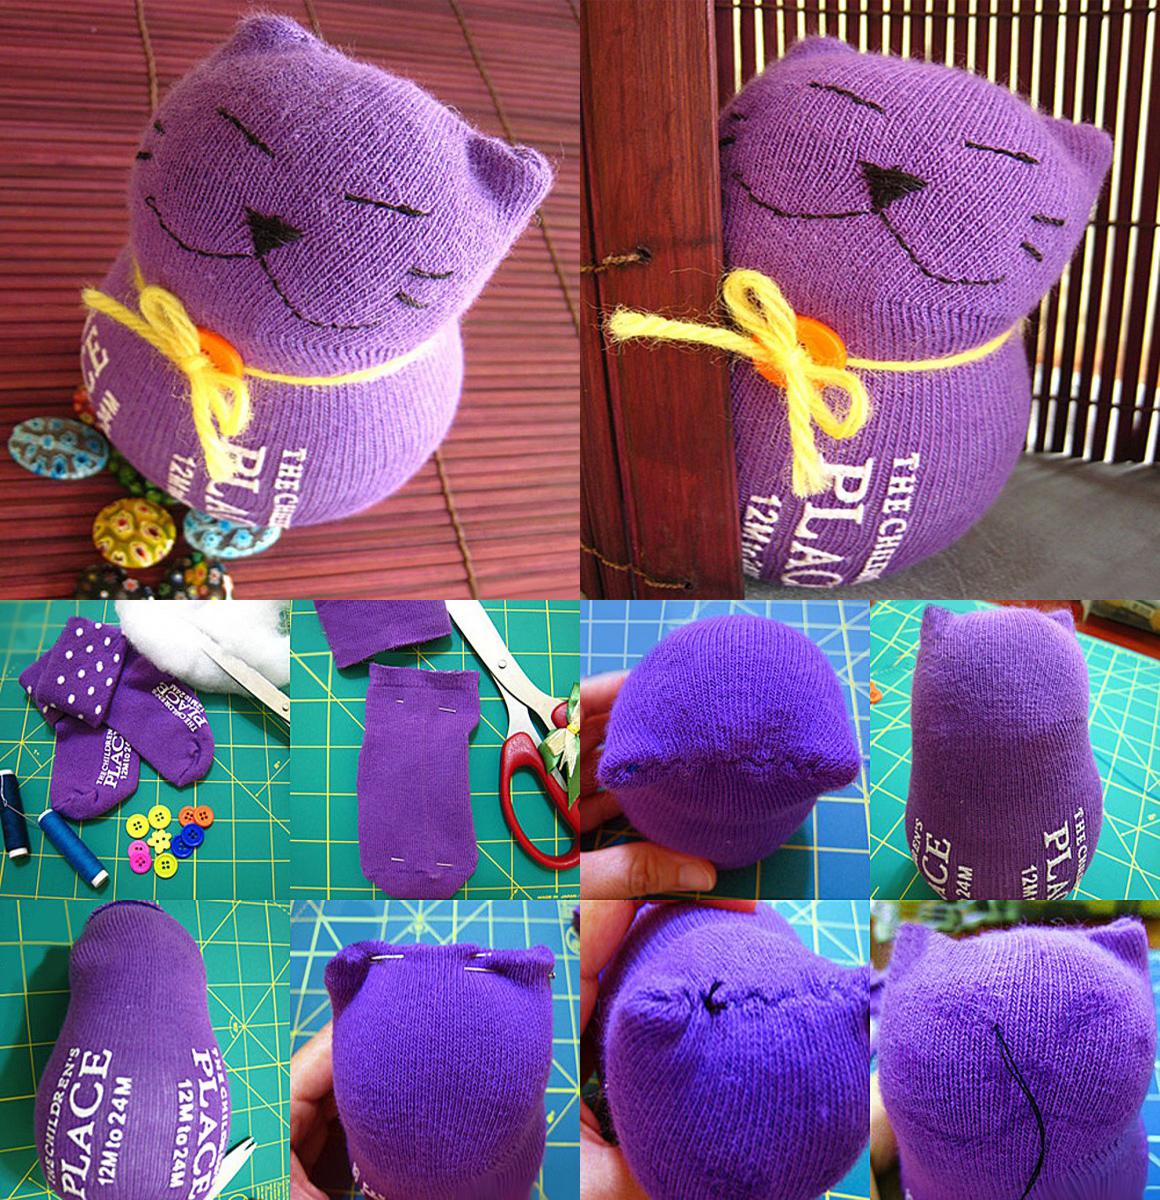 Как сделать куклу из ниток: пошаговая инструкция, пояснения, видео и фото для новичков и опытных мастеров